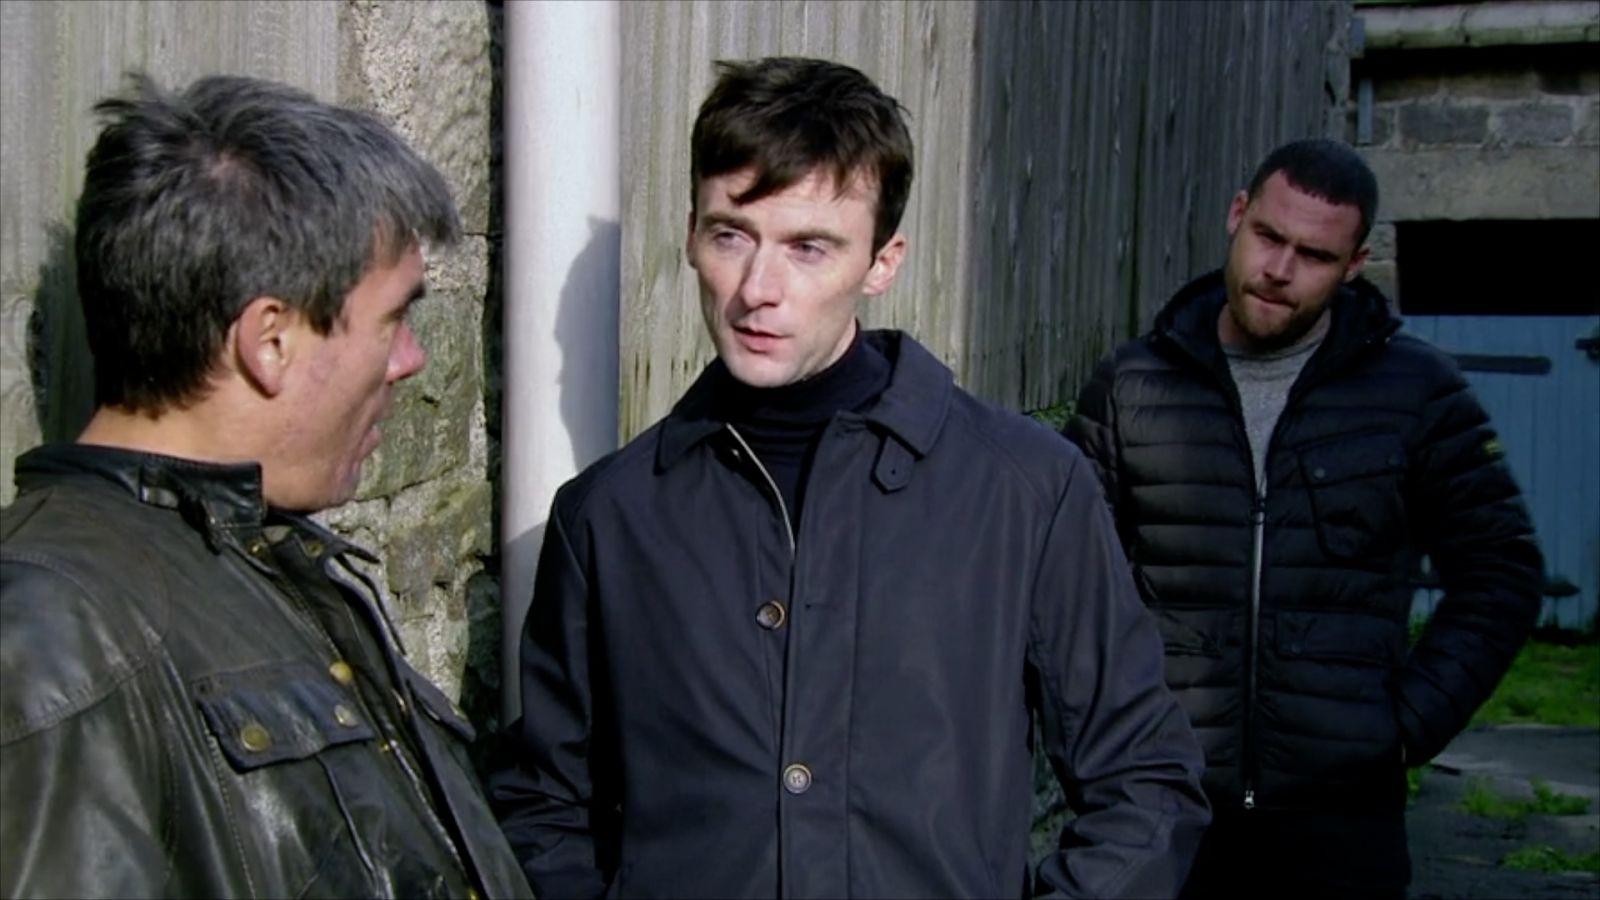 EMMERDALE (ITV) - Nigel